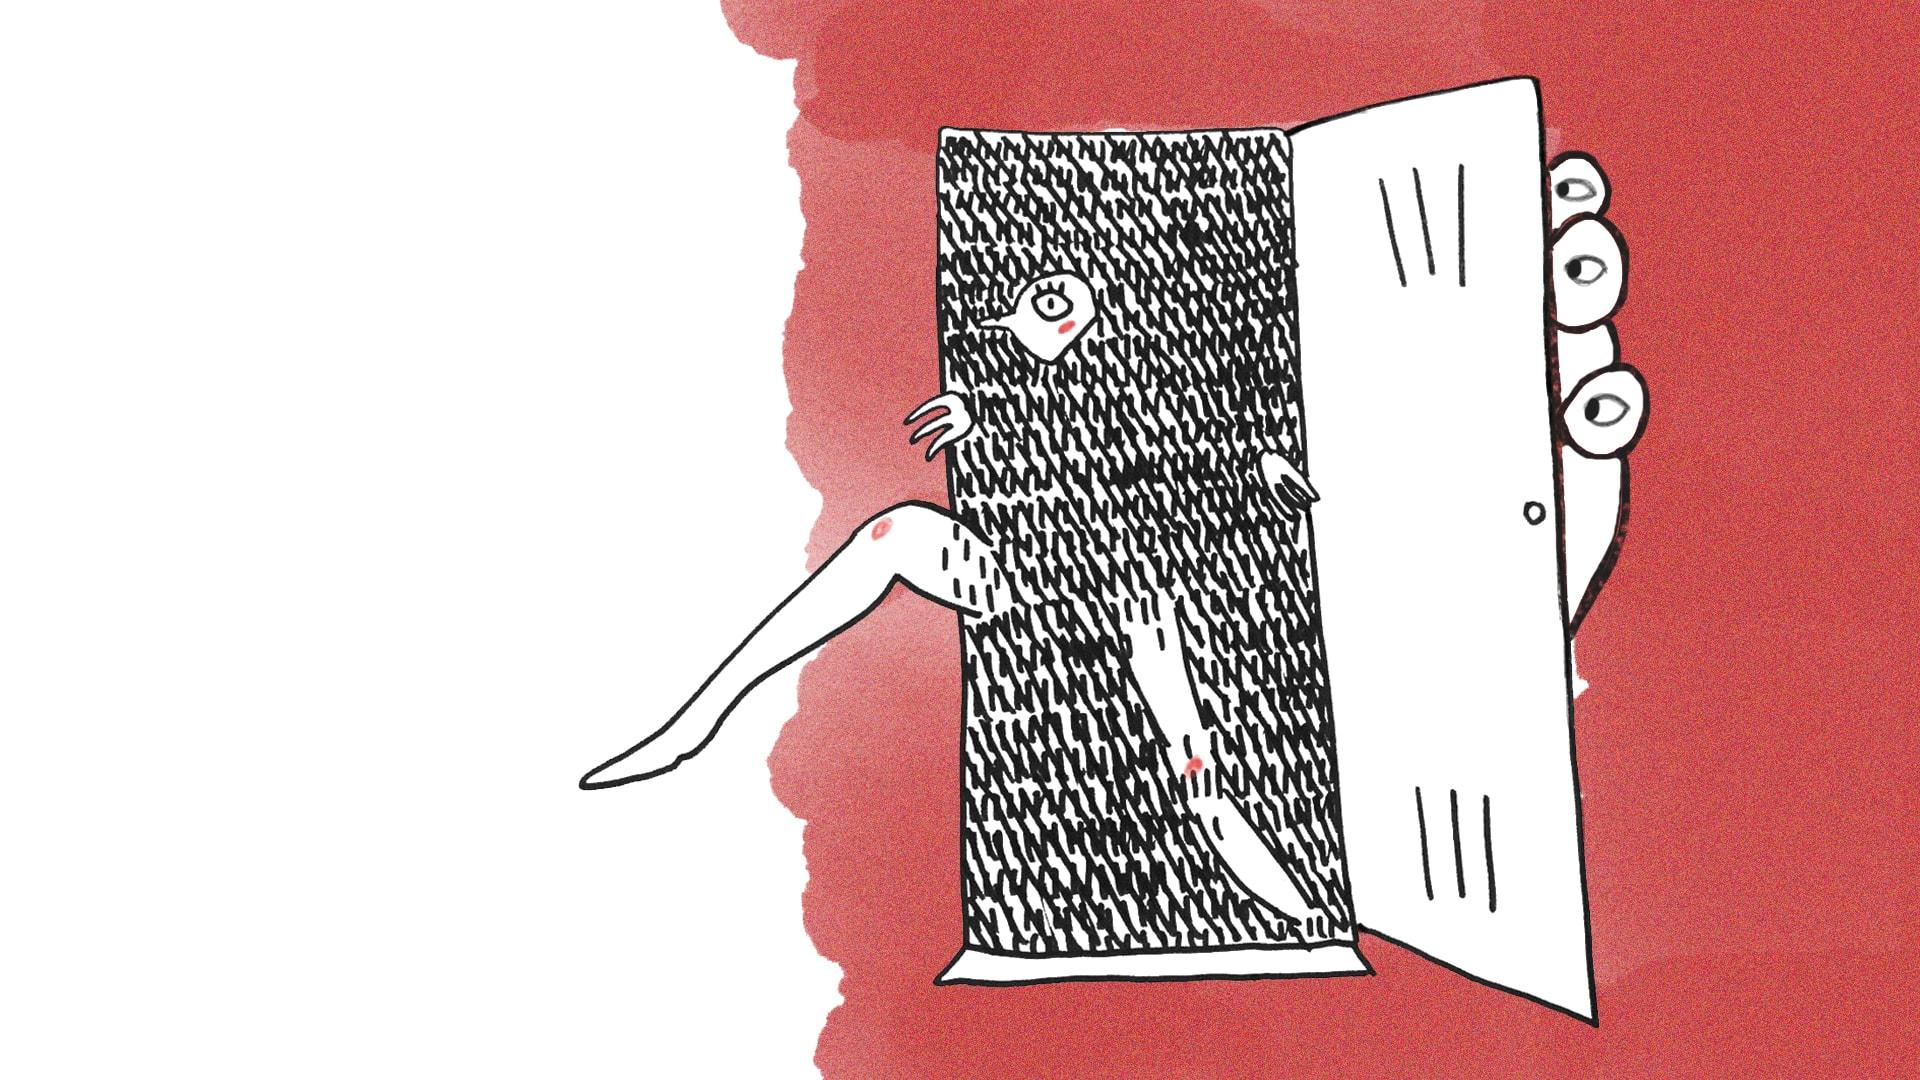 Ilustracja Natalii Przybysz do wierszy Zuzanny Bartoszek.